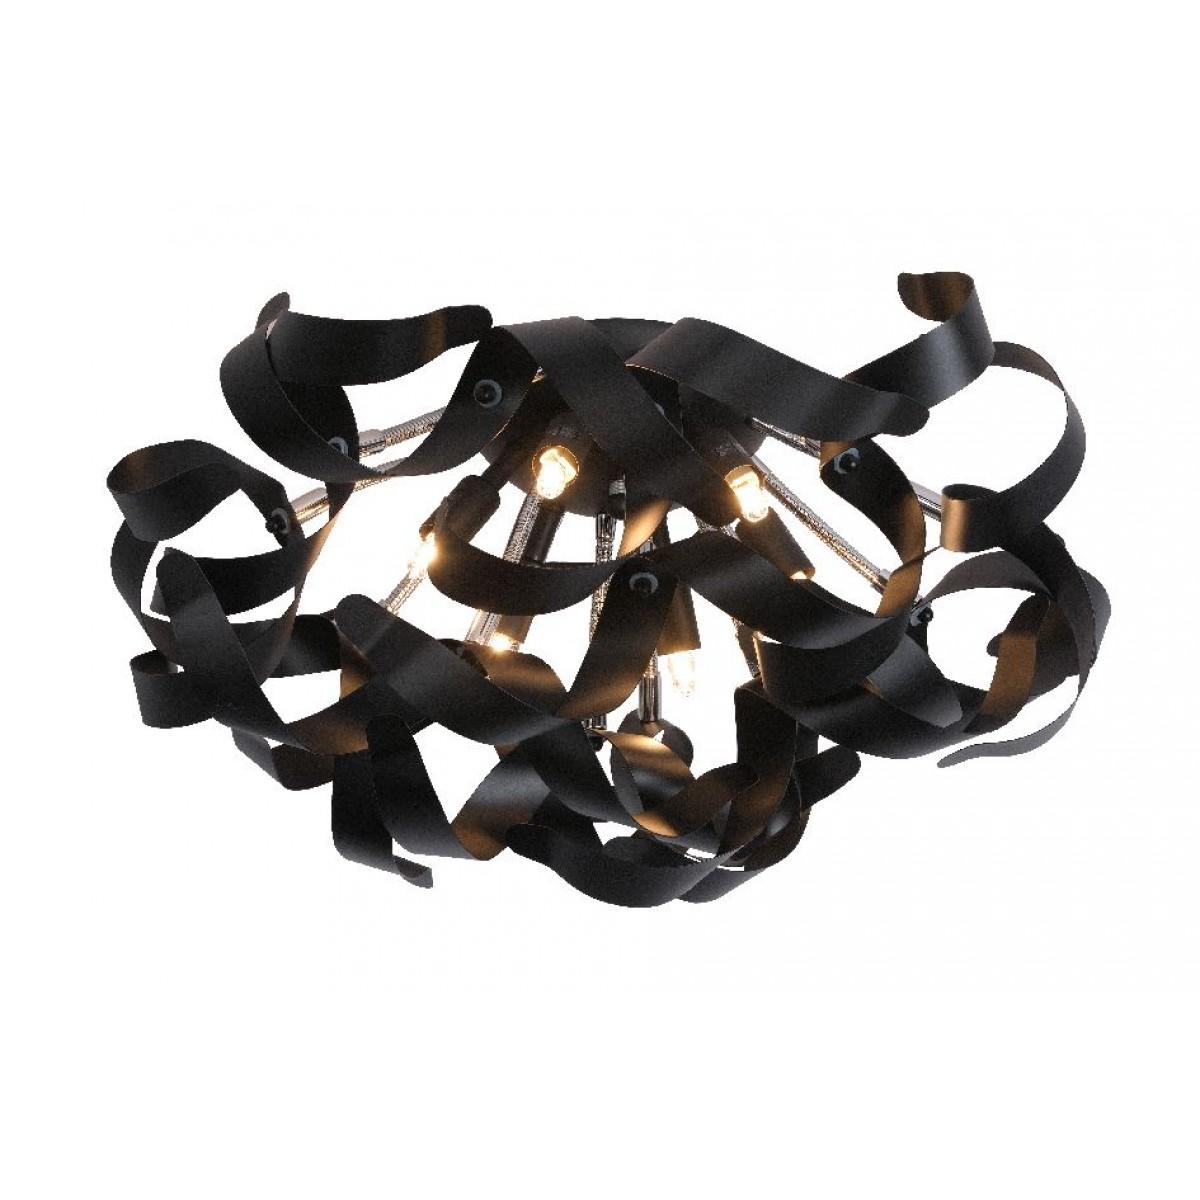 led deckenleuchte schwarz led deckenlampe schwarz durchmesser 50 cm. Black Bedroom Furniture Sets. Home Design Ideas